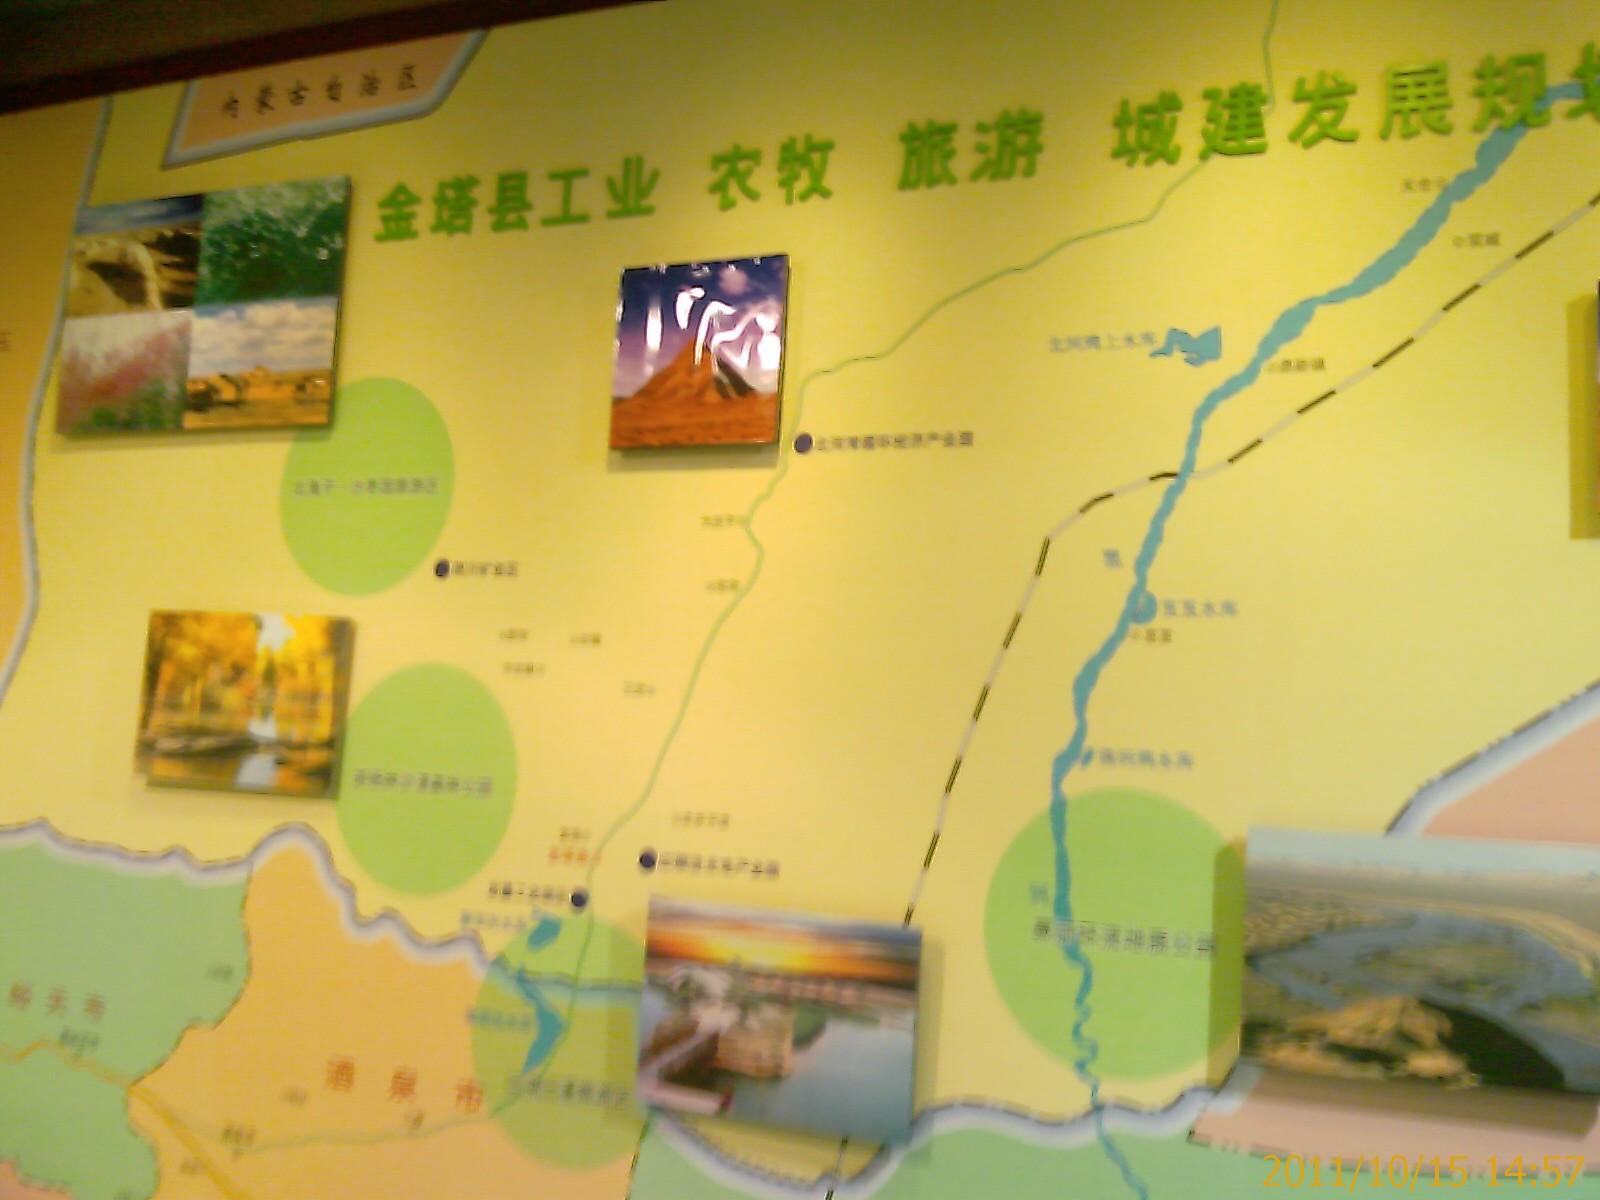 滇池学院杨林校区地图 滇池学院杨林校区图片 云南滇池学院杨林校区